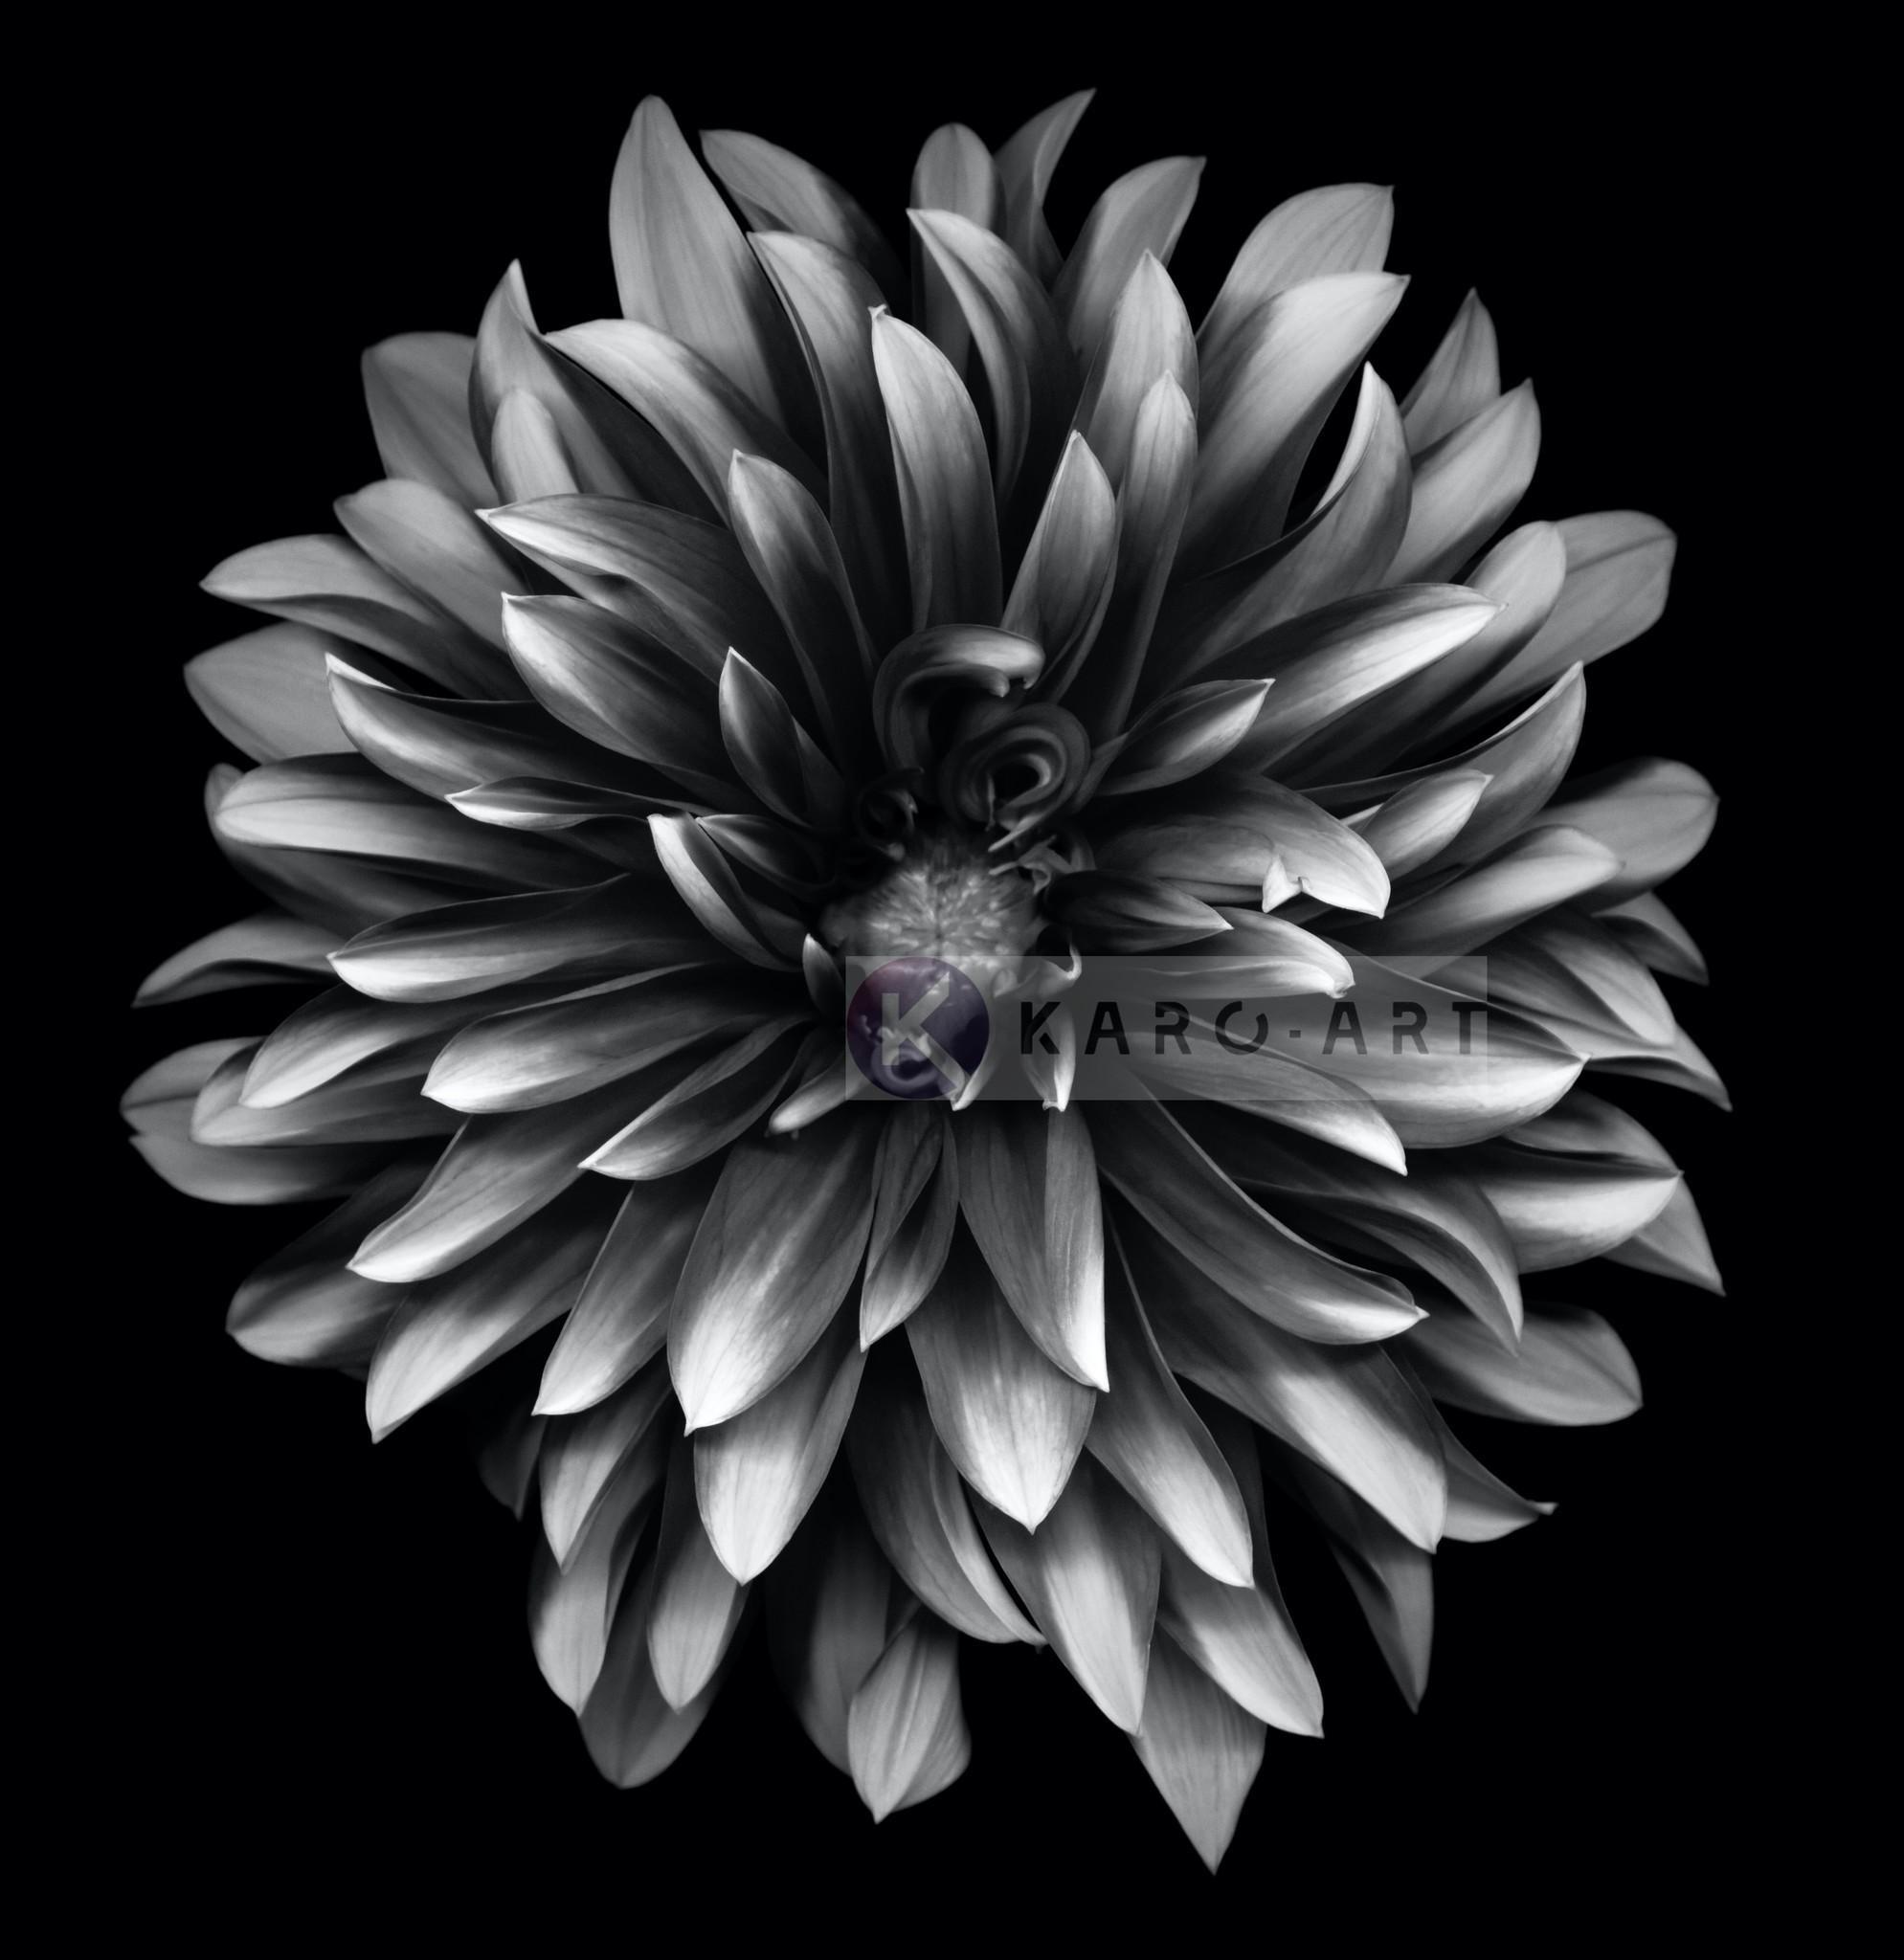 Afbeelding op acrylglas - Dahlia Zwart-Wit